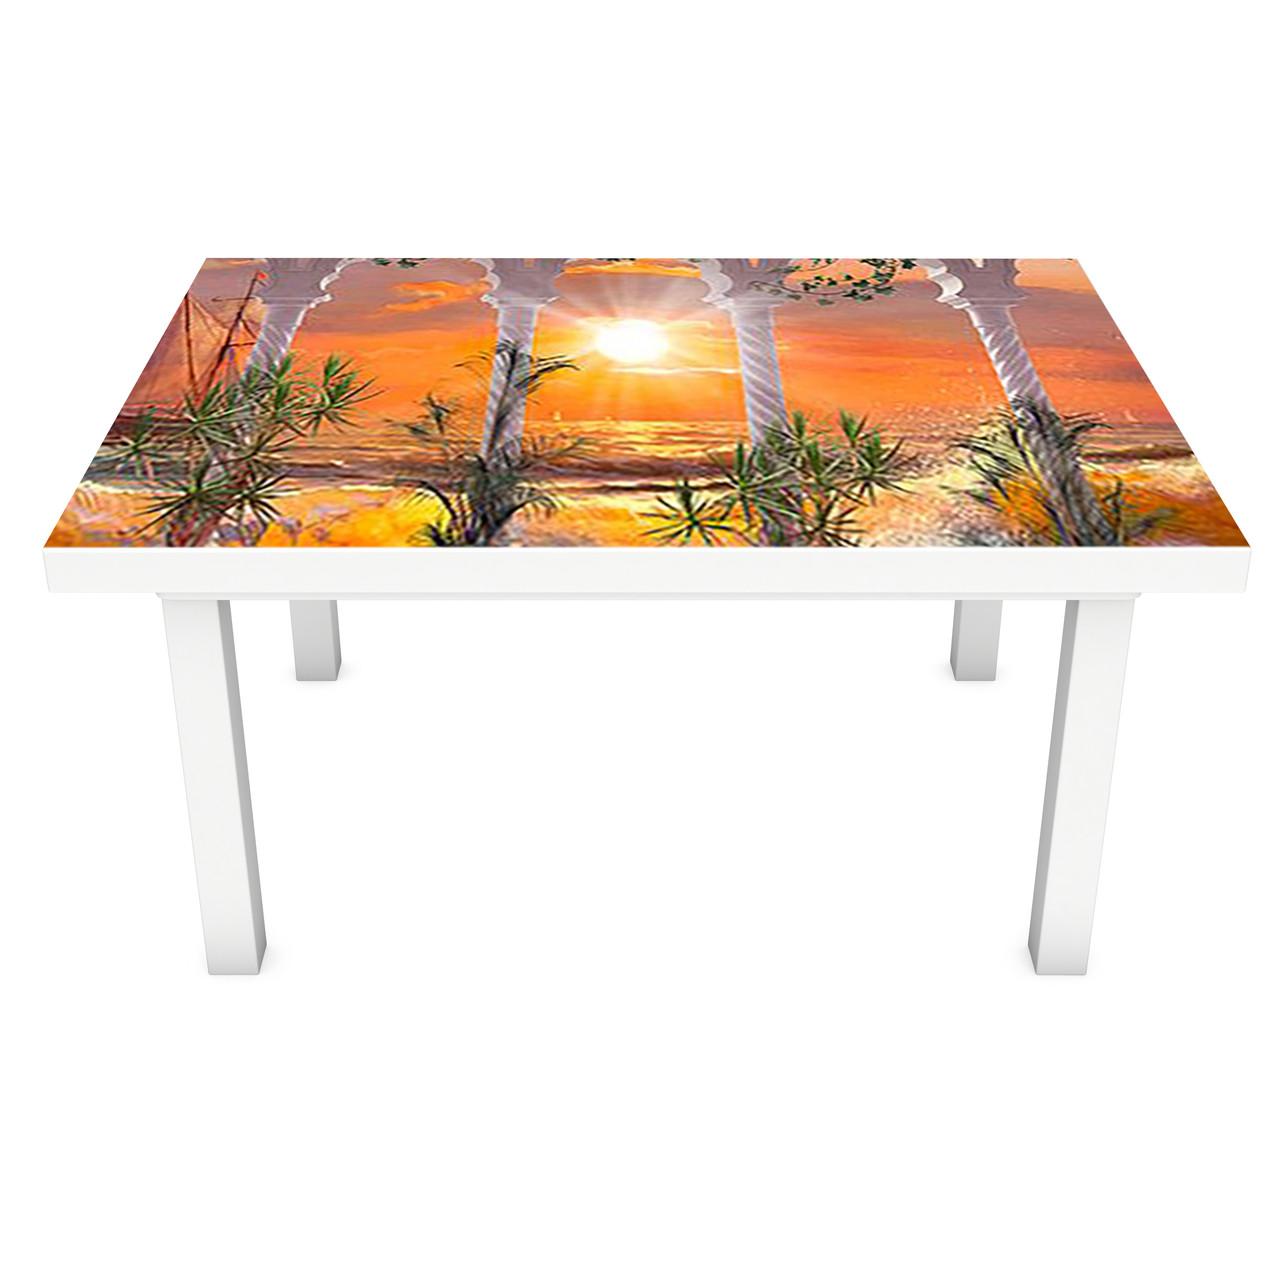 Наклейка на стол виниловая Красочный закат на мебель интерьерная ПВХ пленка колоны море корабль 600*1200 мм